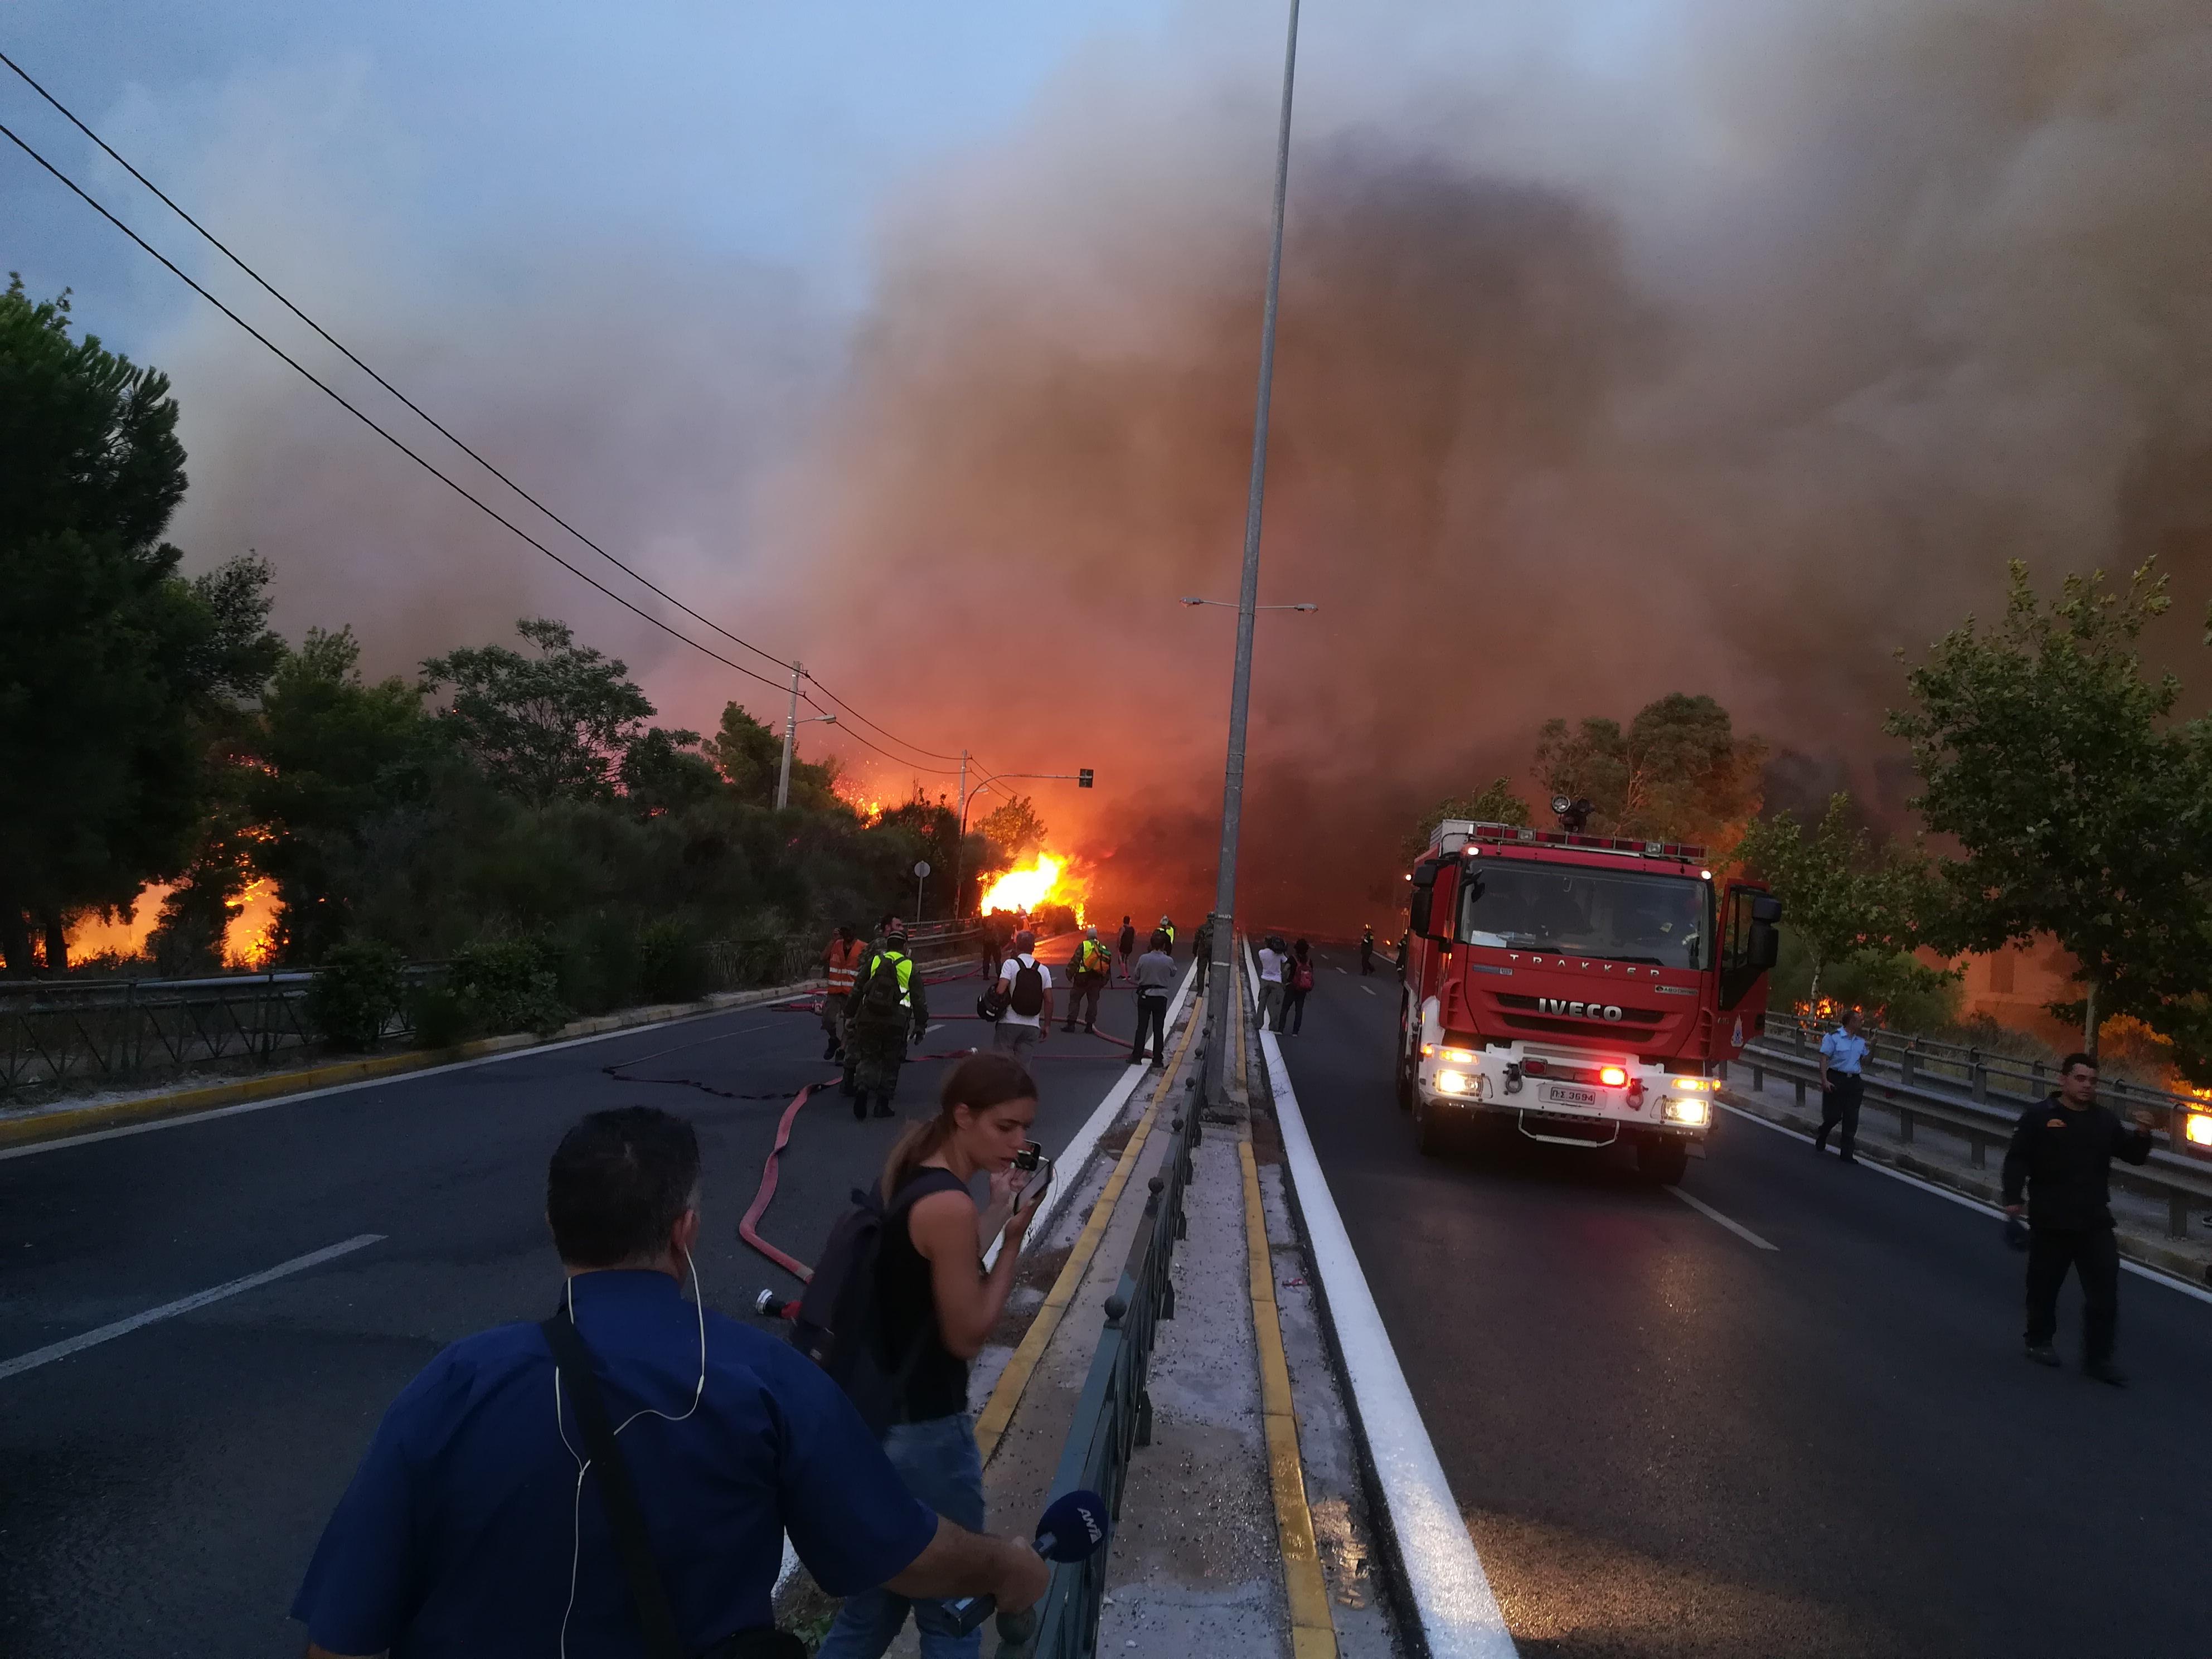 eikones-oloklirotikis-katastrofis-apo-tis-pyrkagies-foto-amp-8211-vinteo24